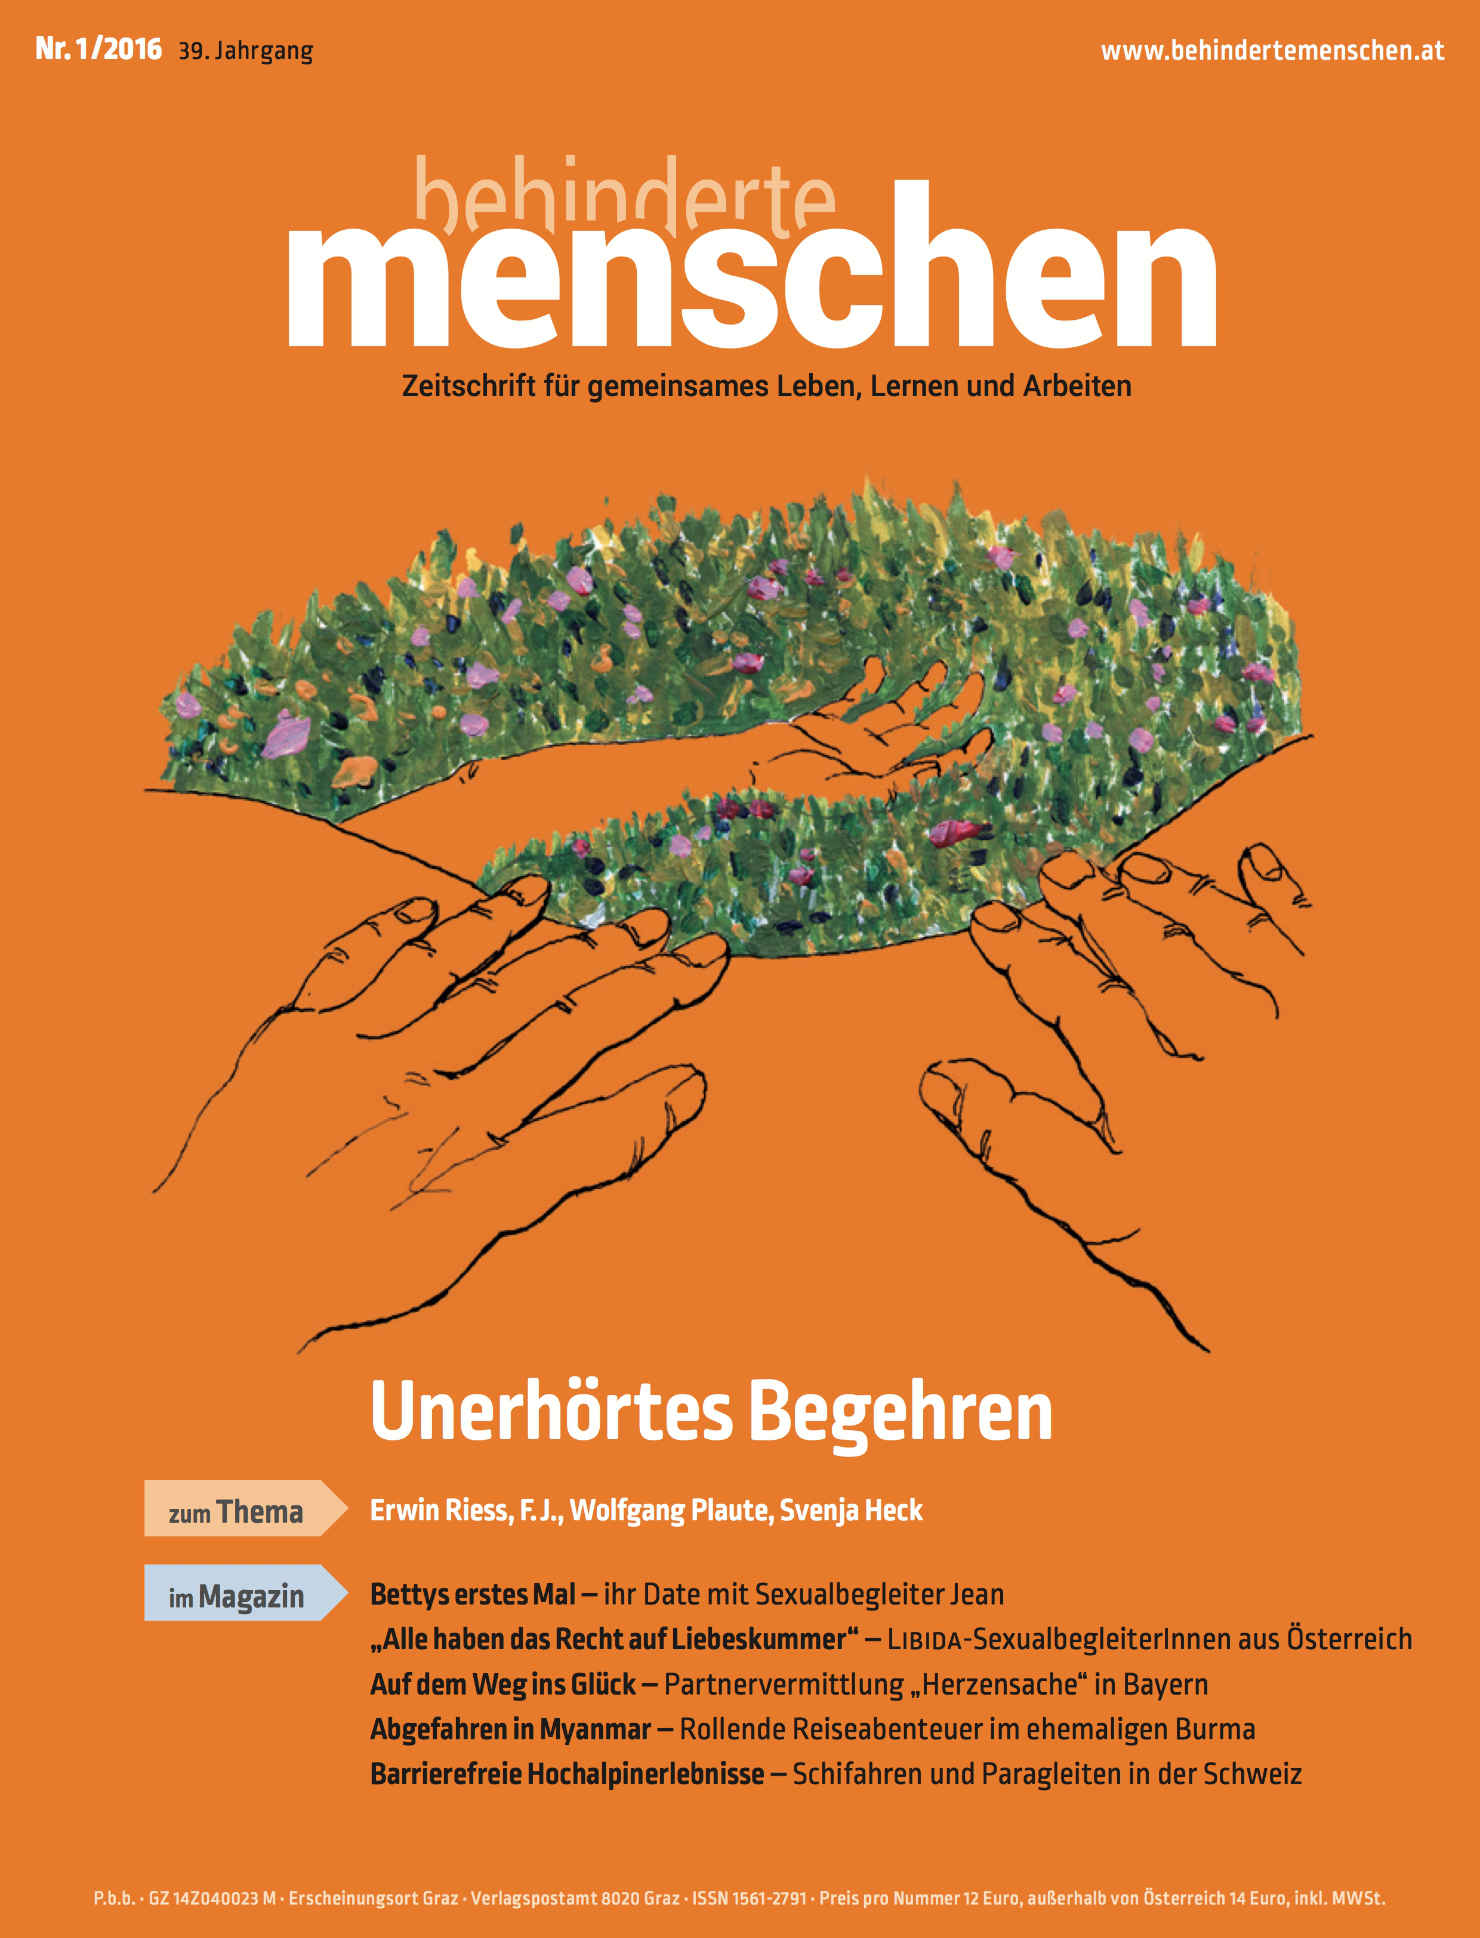 """Titelbild der Zeitschrift BEHINDERTE MENSCHEN, Ausgabe 1/2016 """"Unerhörtes Begehren"""""""